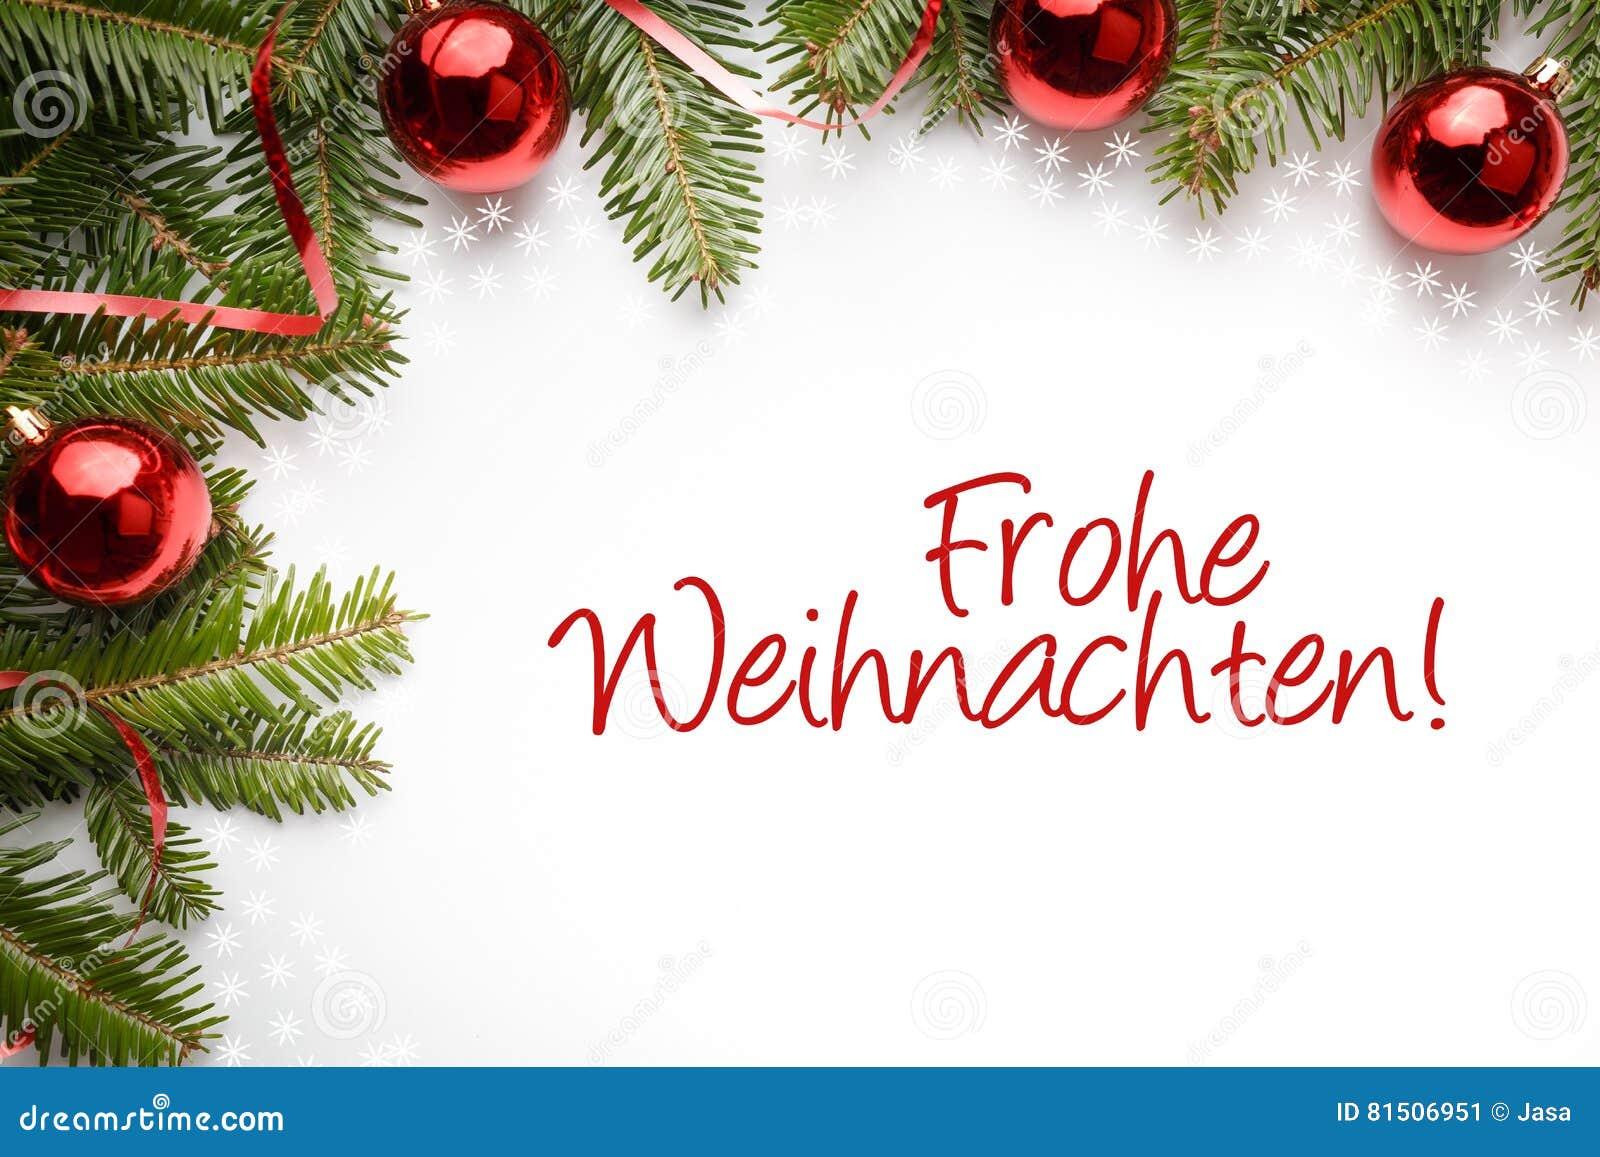 weihnachtsdekorationen mit dem weihnachtsgru im deutschen. Black Bedroom Furniture Sets. Home Design Ideas